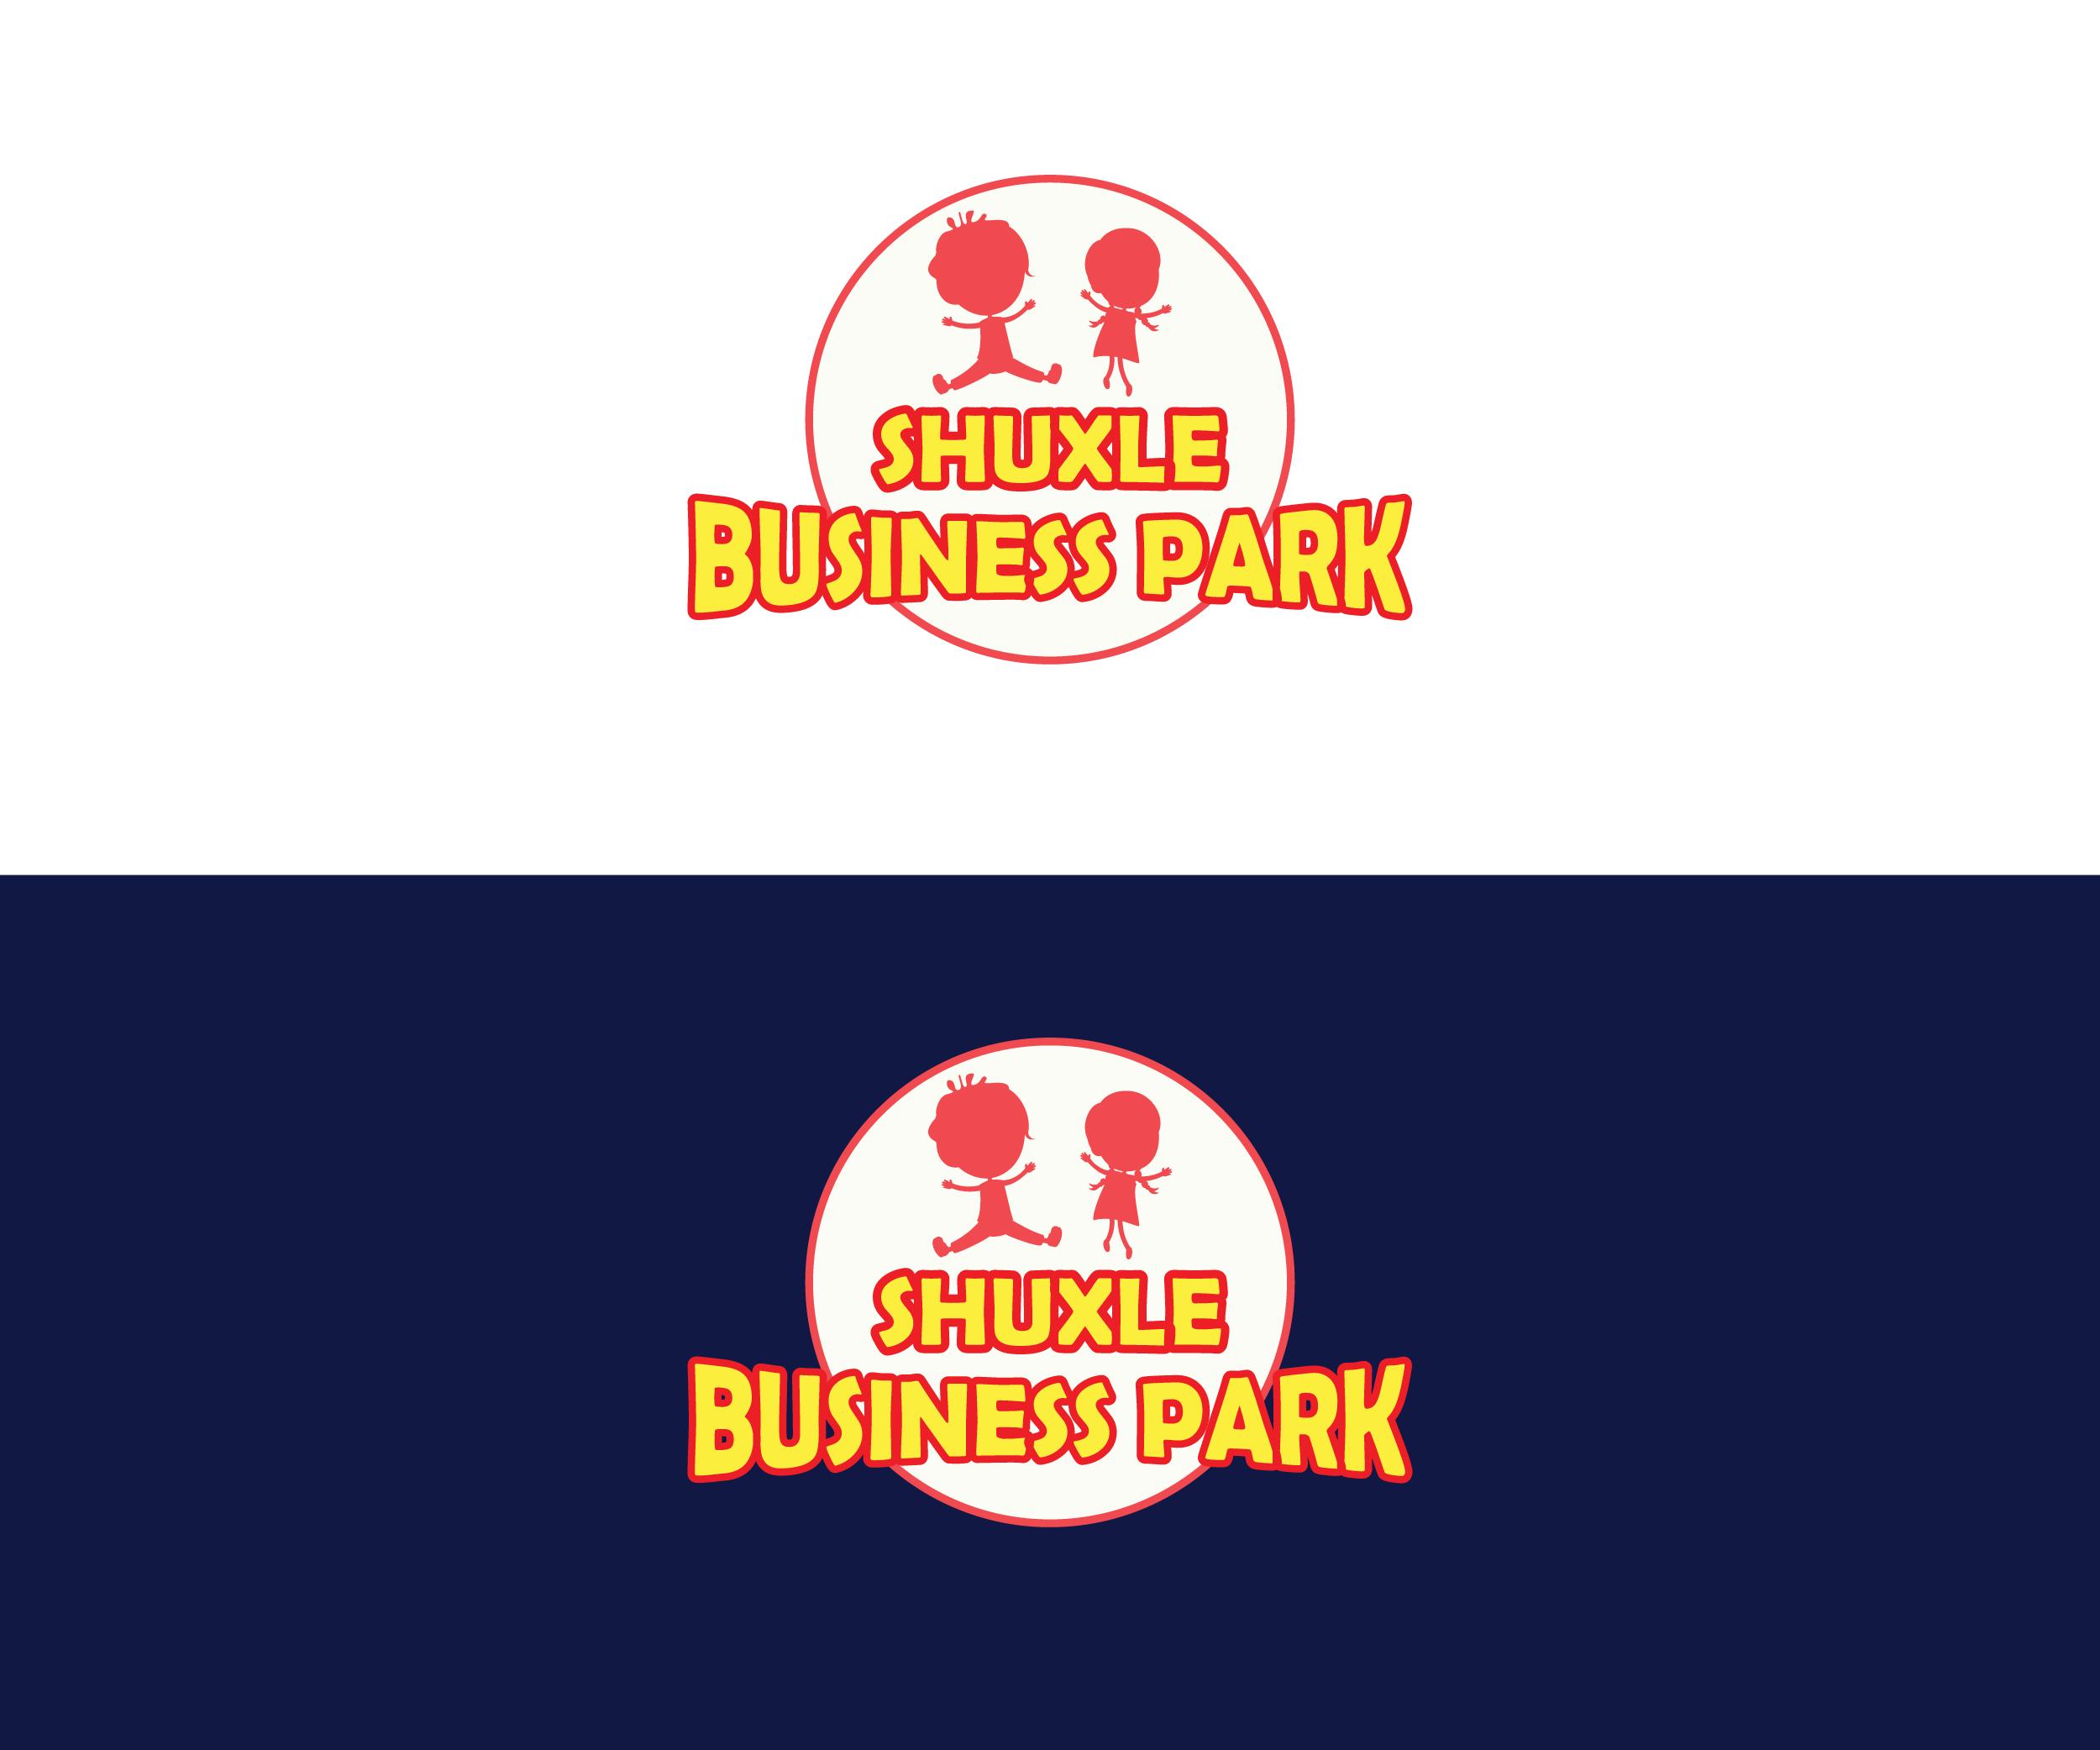 Conservative Upmarket Amusement Park Logo Design For Shuxle Business Park By Pheonix3d Design 23359509